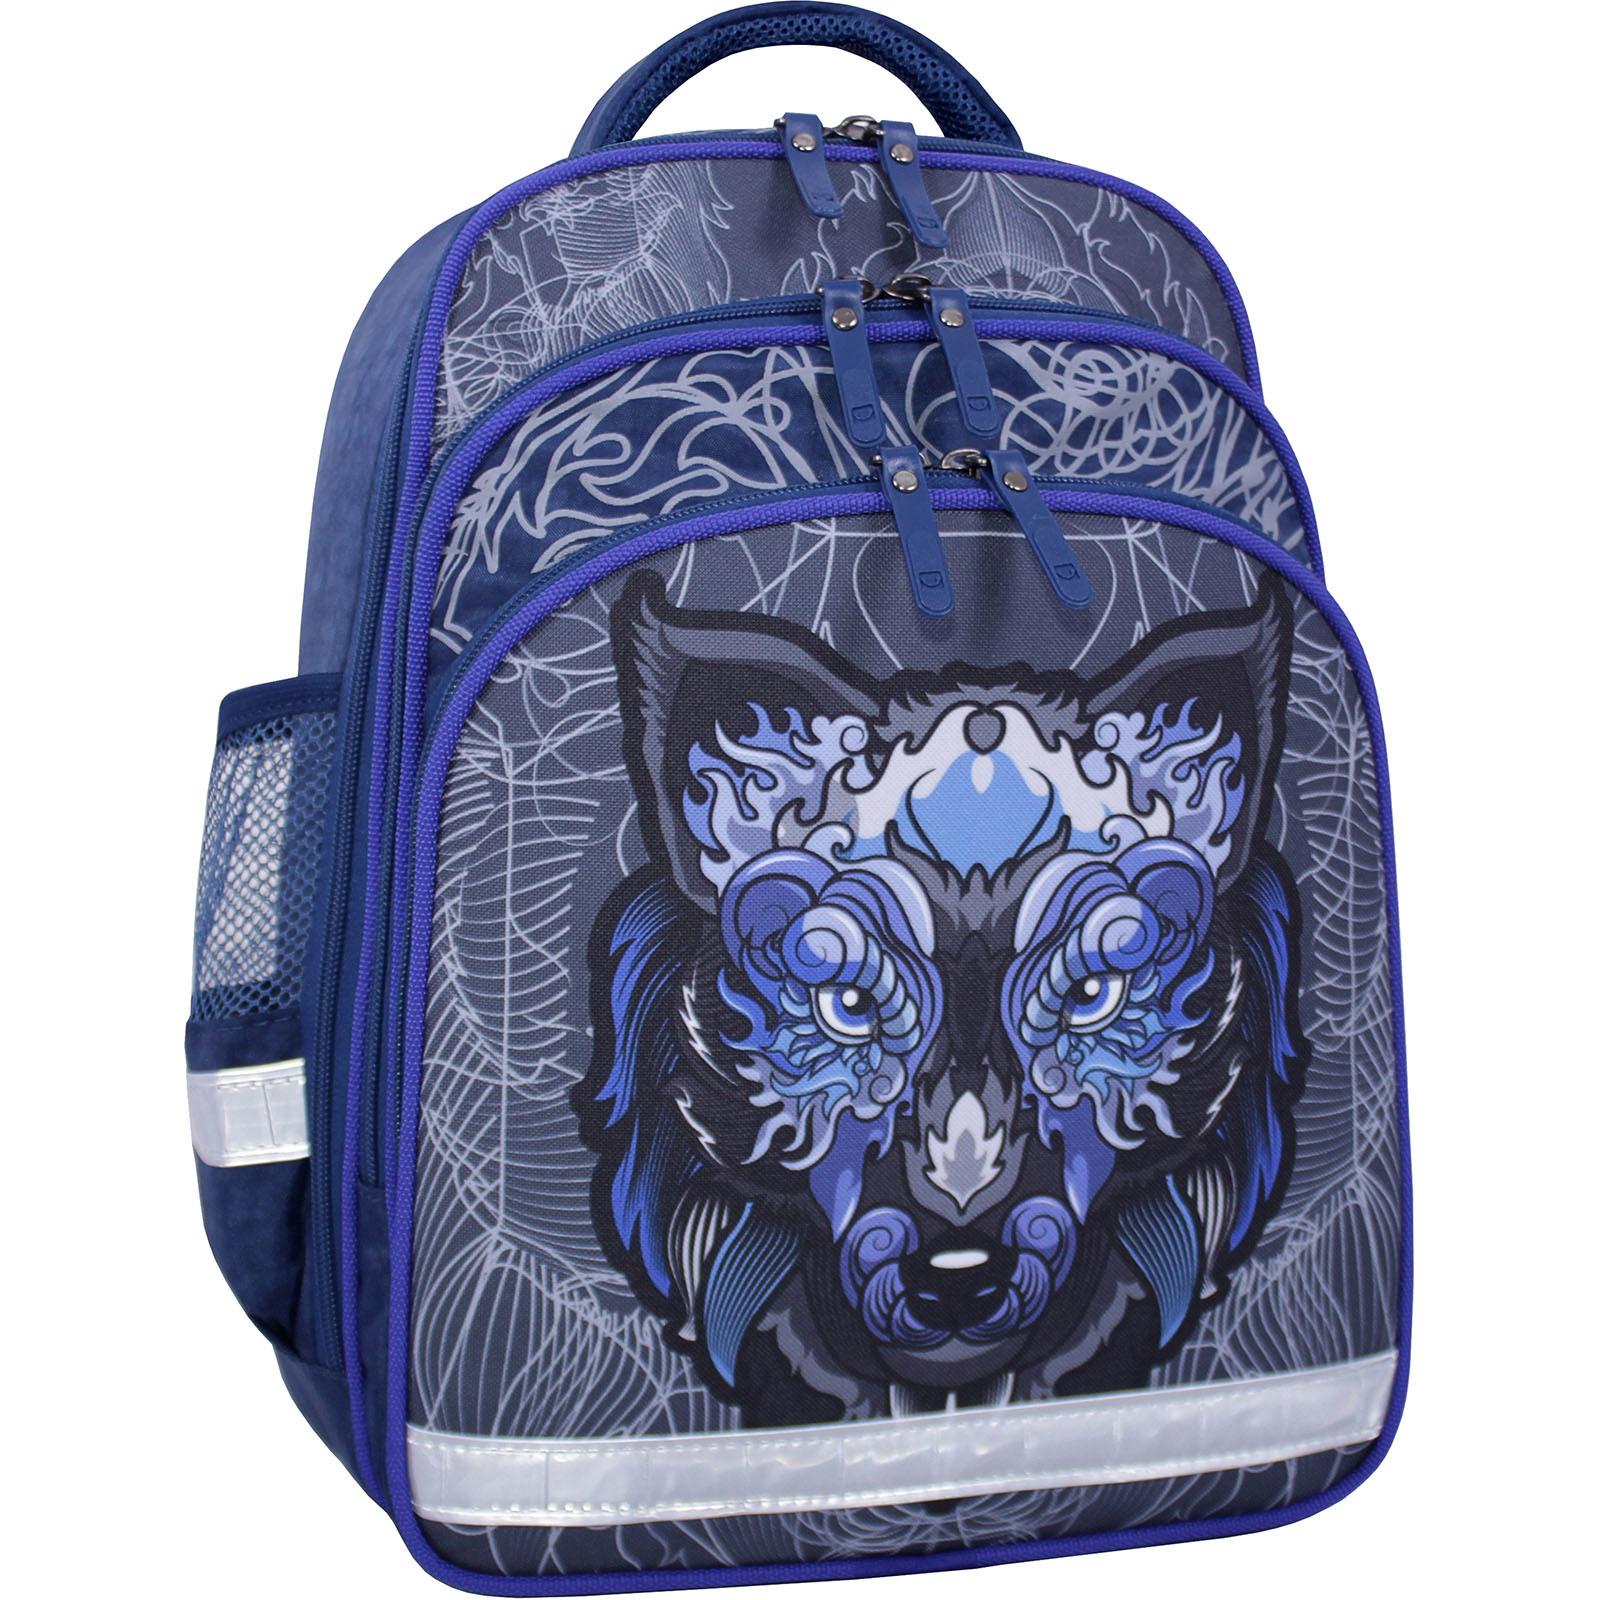 Рюкзак школьный Bagland Mouse 225 синий 506 (0051370) фото 1